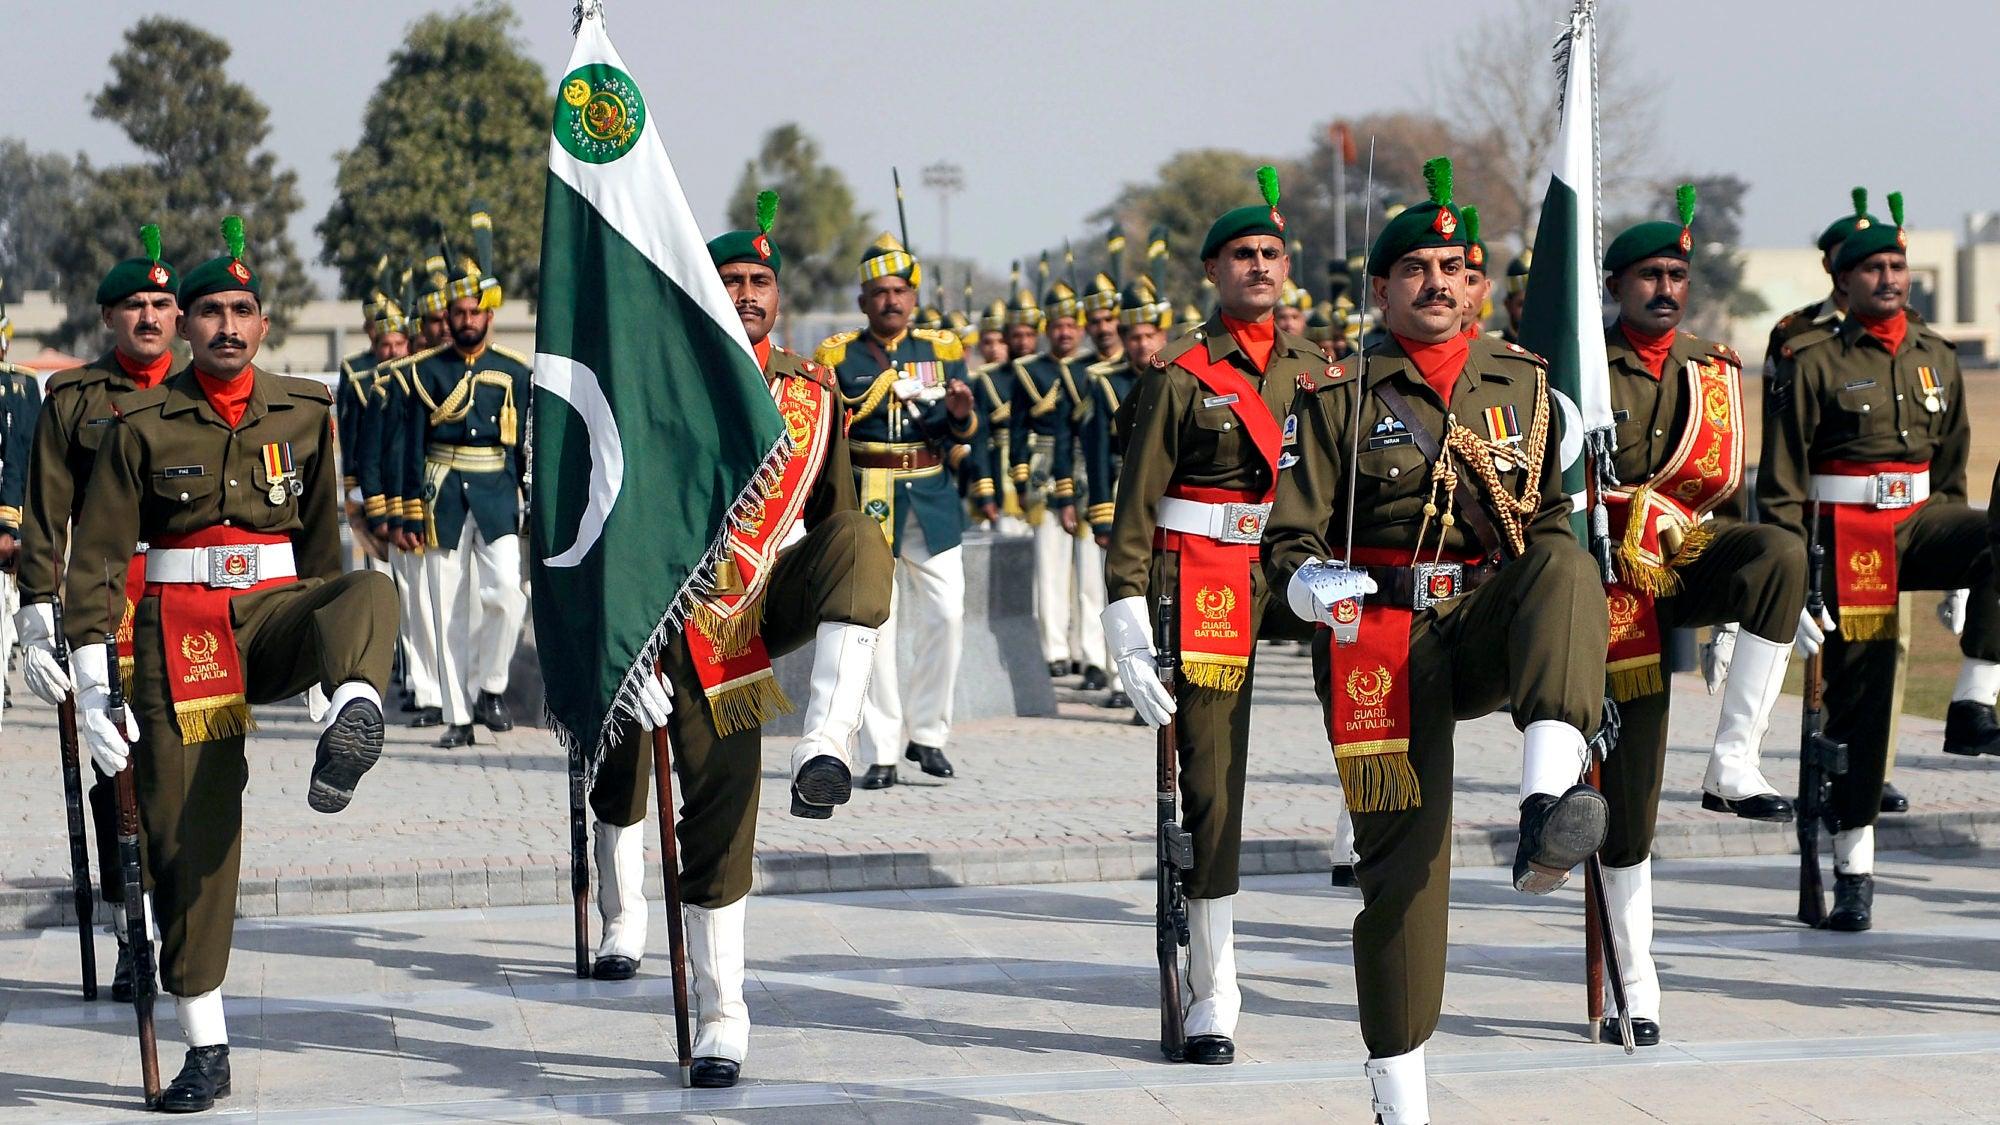 Pakistani military parade